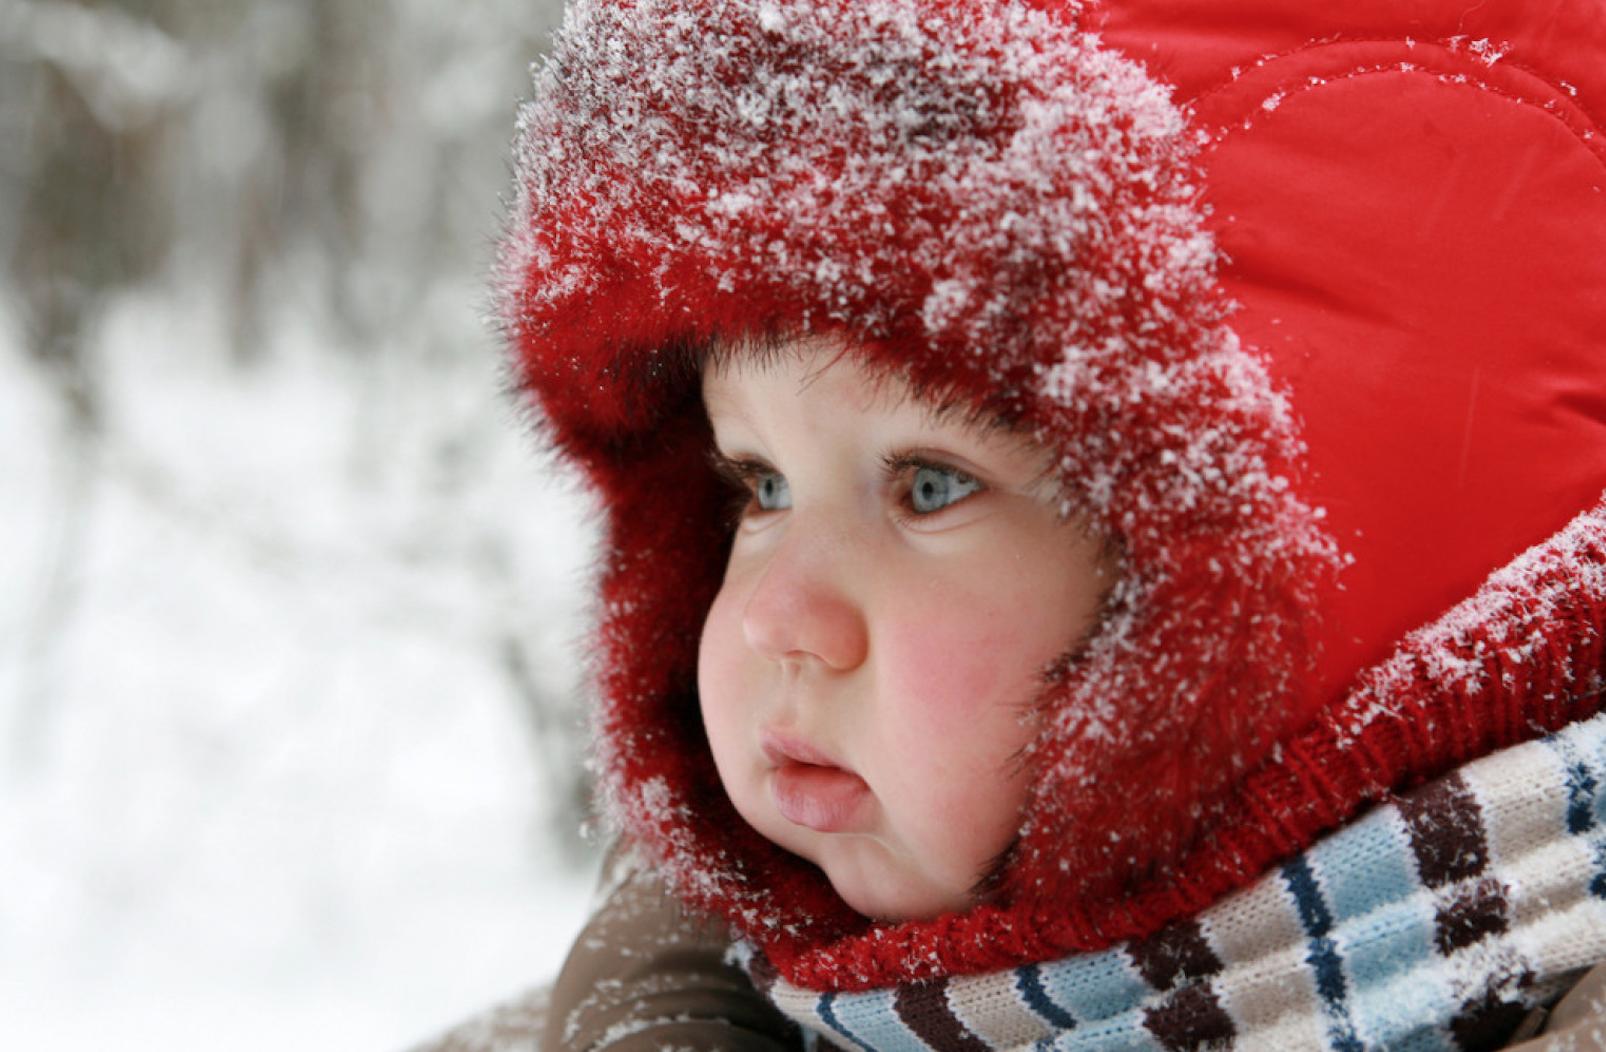 Έκζεμα: Πως να προετοιμάσετε το δέρμα του παιδιού σας για το χειμώνα!